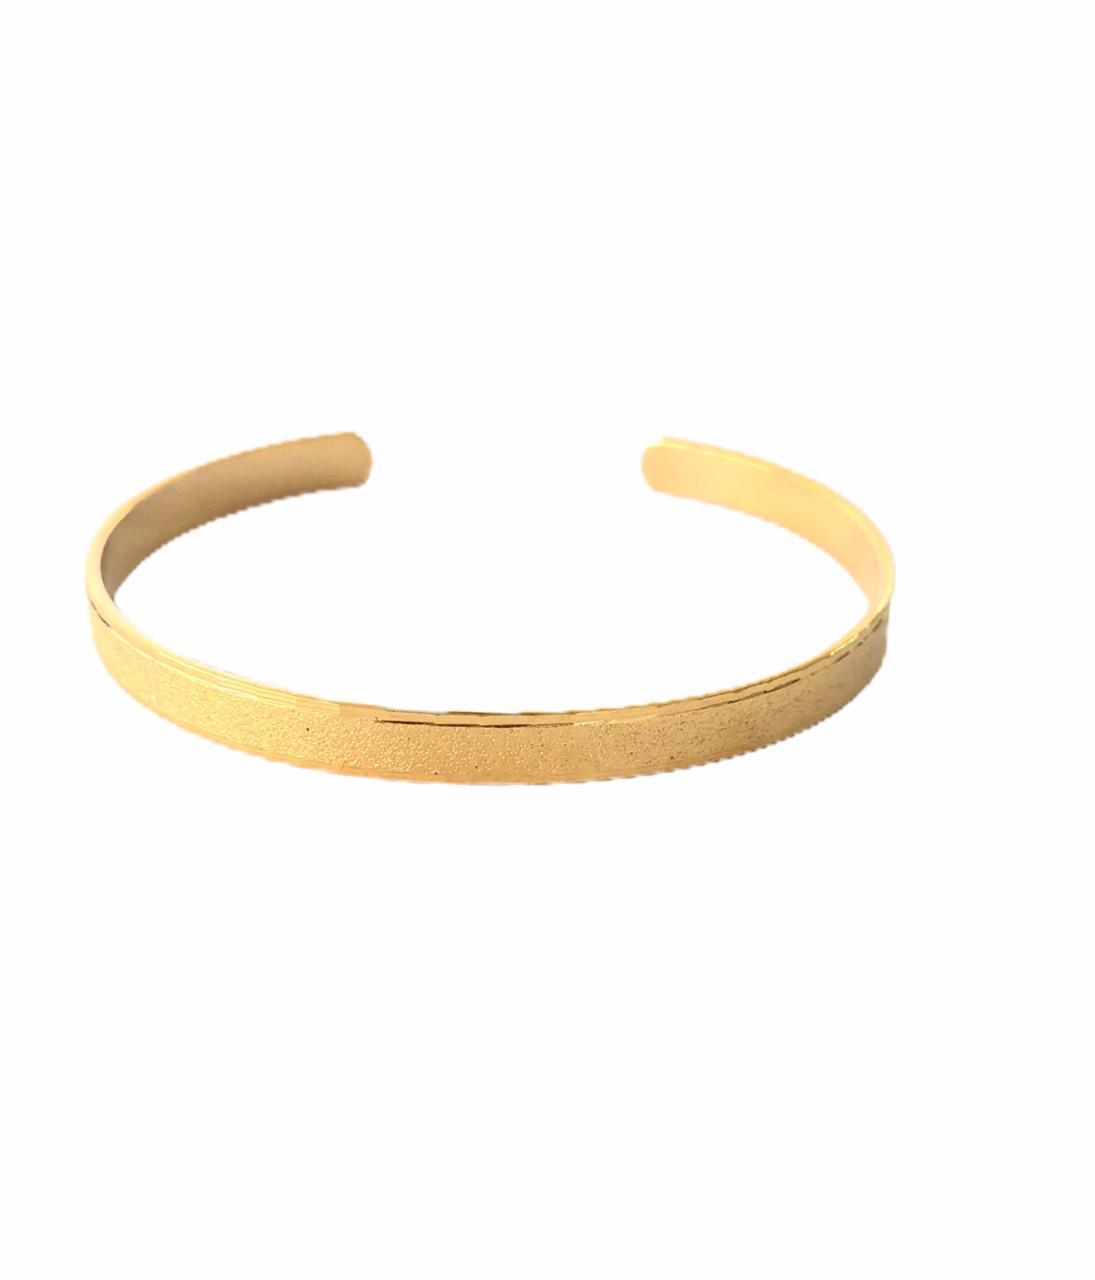 Bracelete Fosco Banho em Ouro 18k